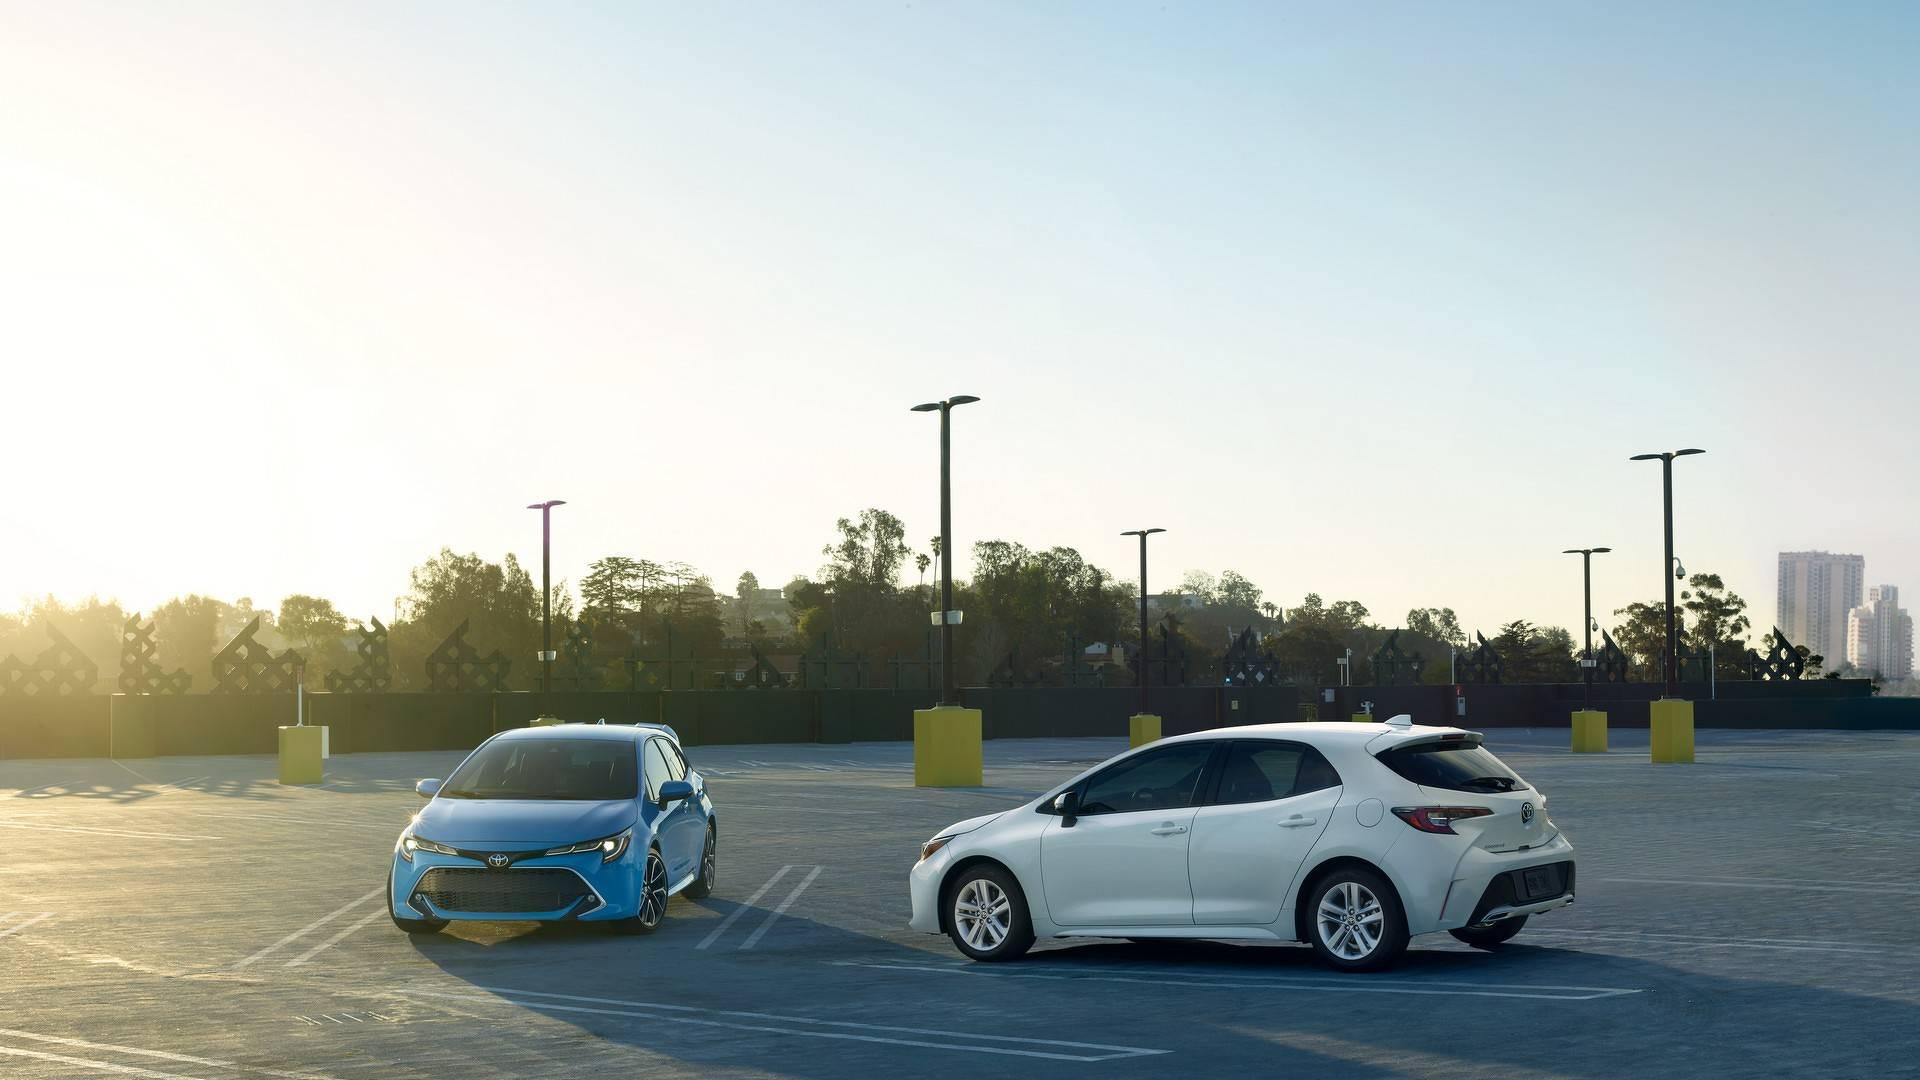 2019_Toyota_Corolla_Hatchback_0015